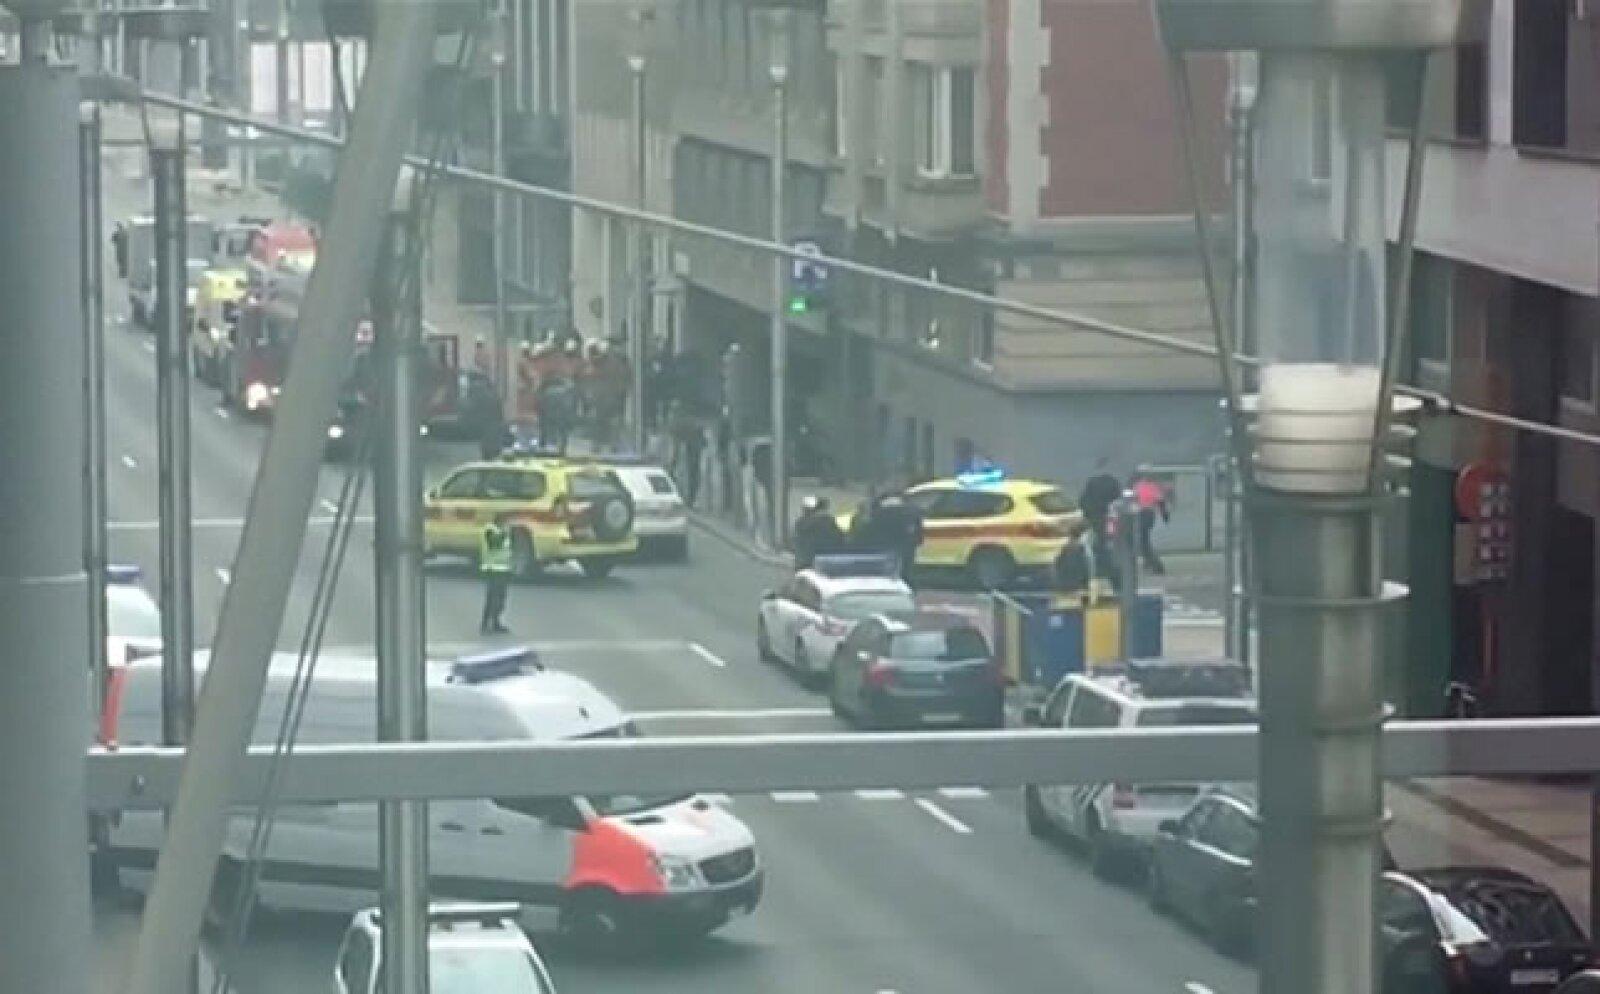 La mañana de este martes hubo varias explosiones en el aeropuerto de Zaventem y en la estación de Metro de Maelbeek, en Bruselas, Bélgica.